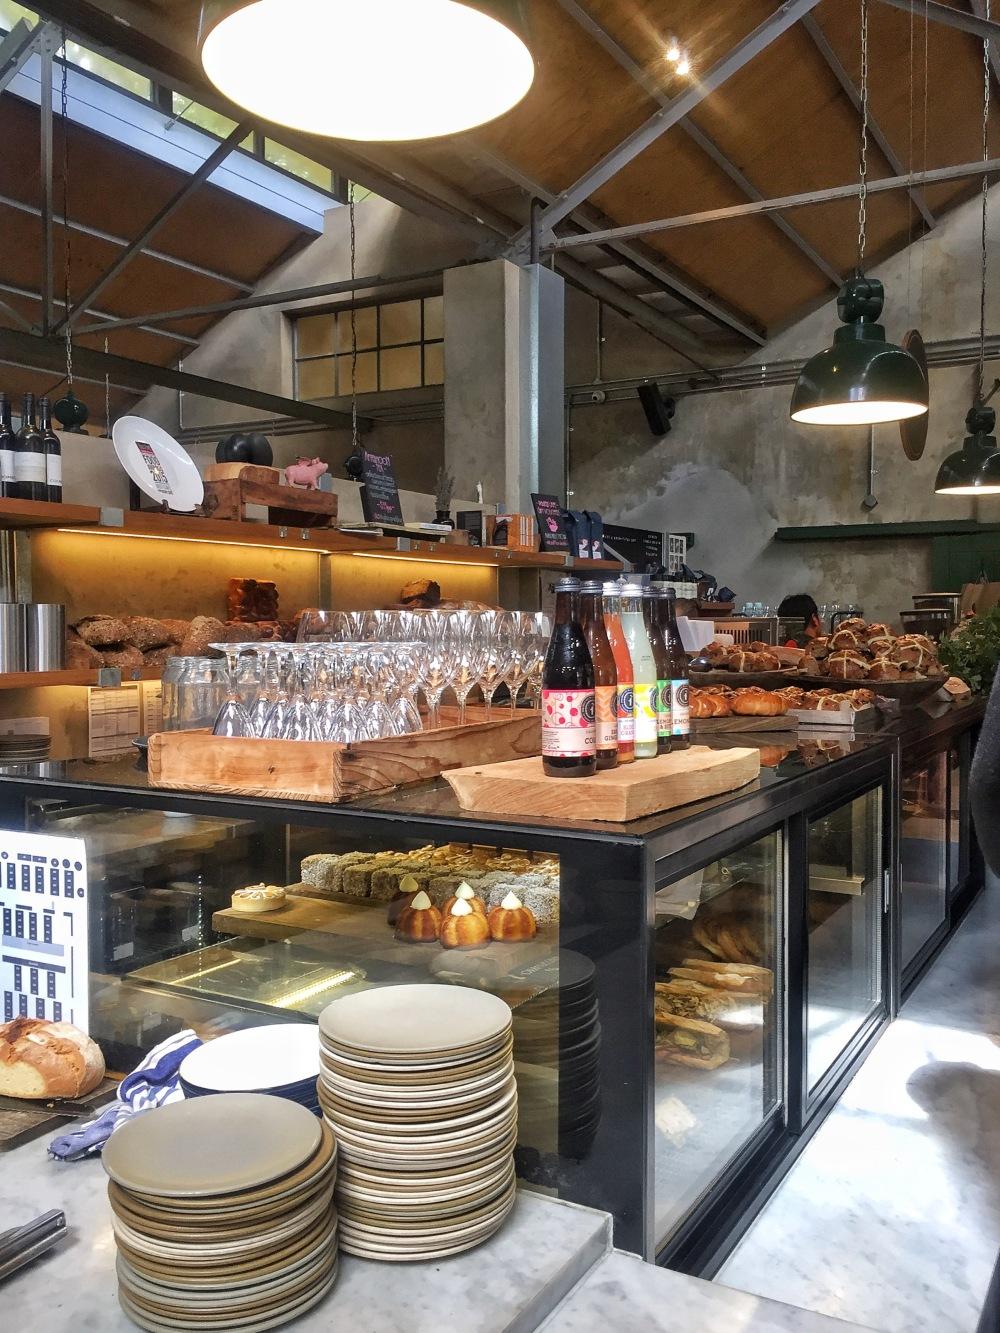 The Piggery Cafe